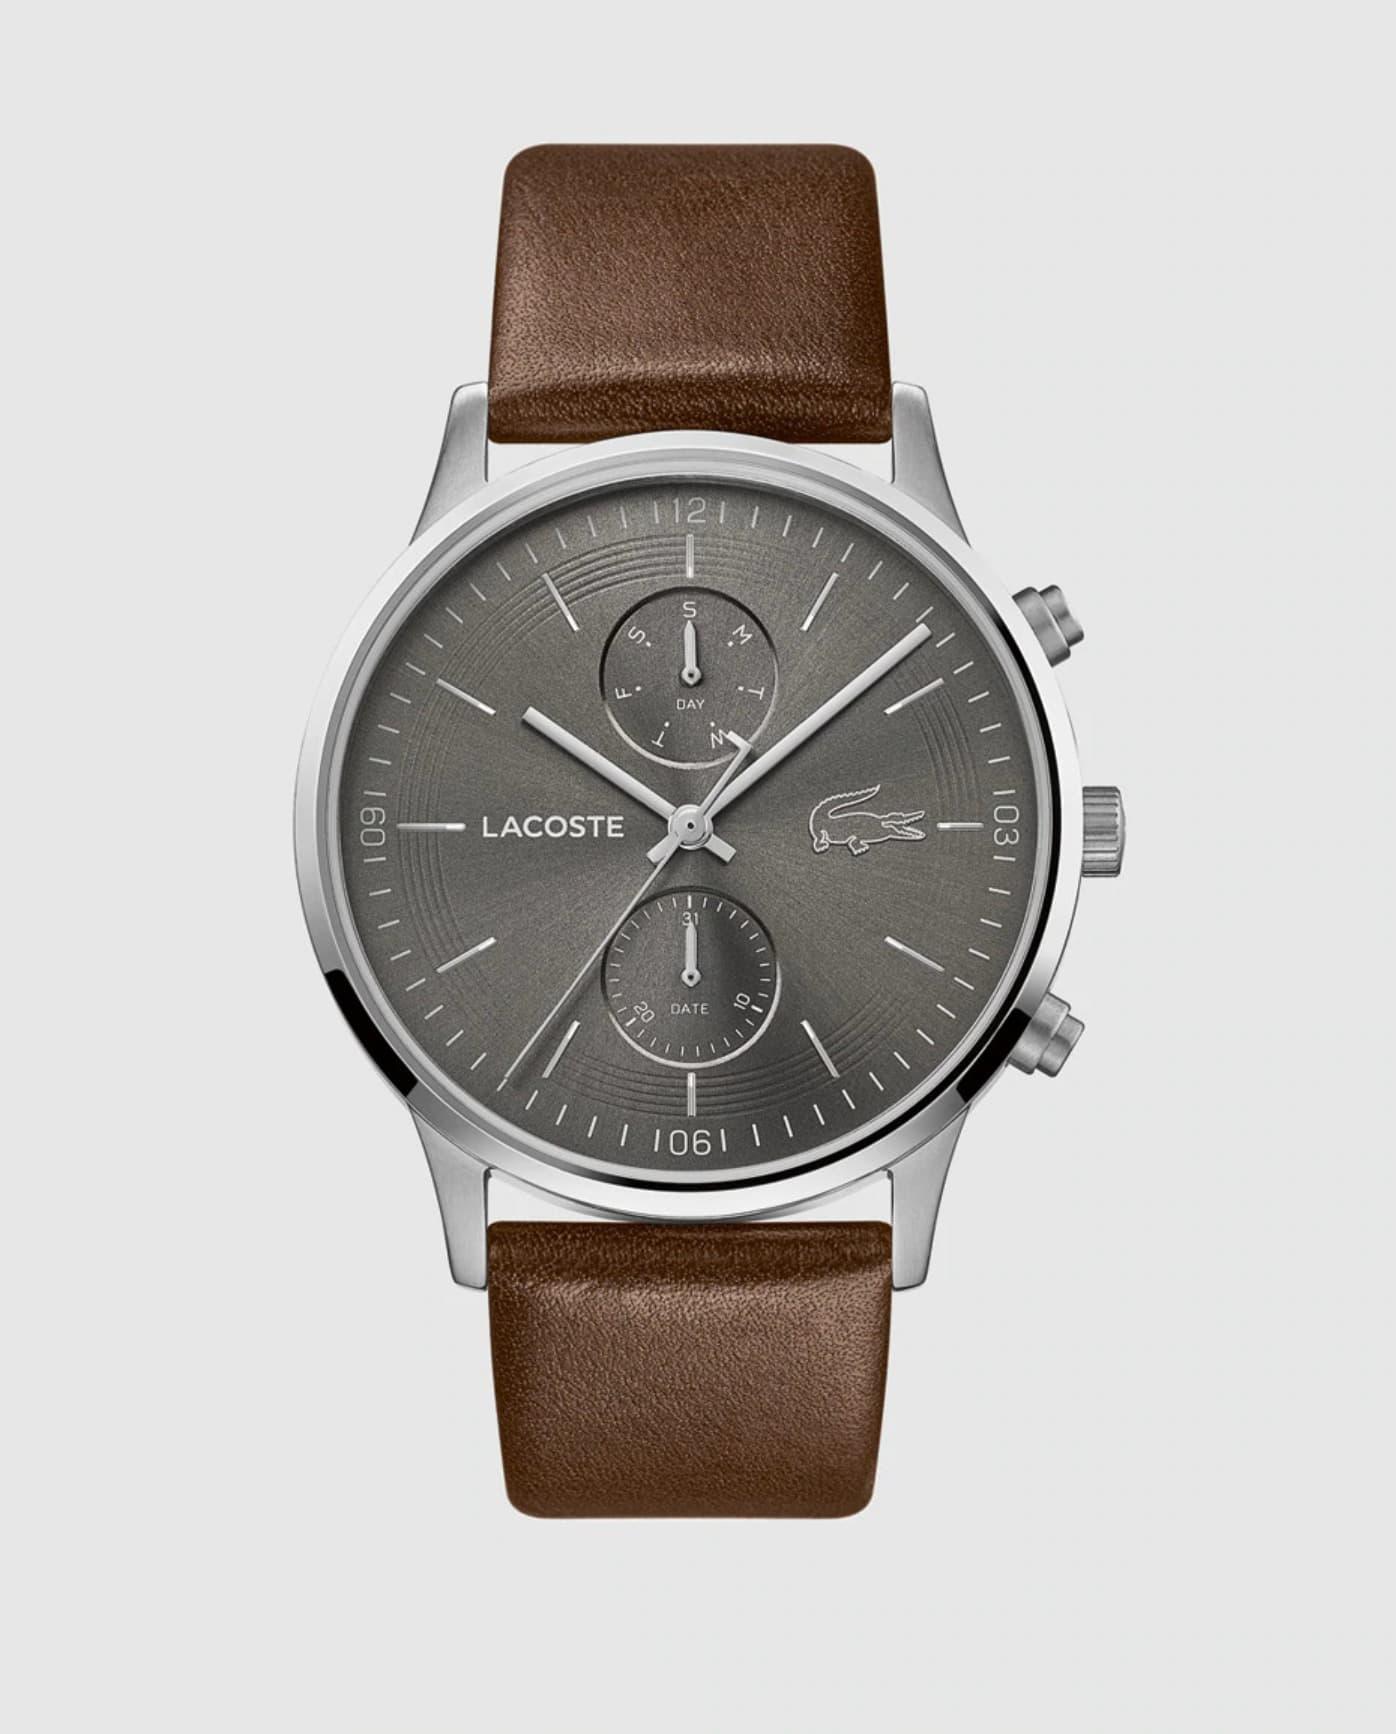 Reloj de hombre Lacoste Watches 2011066 de piel marrón